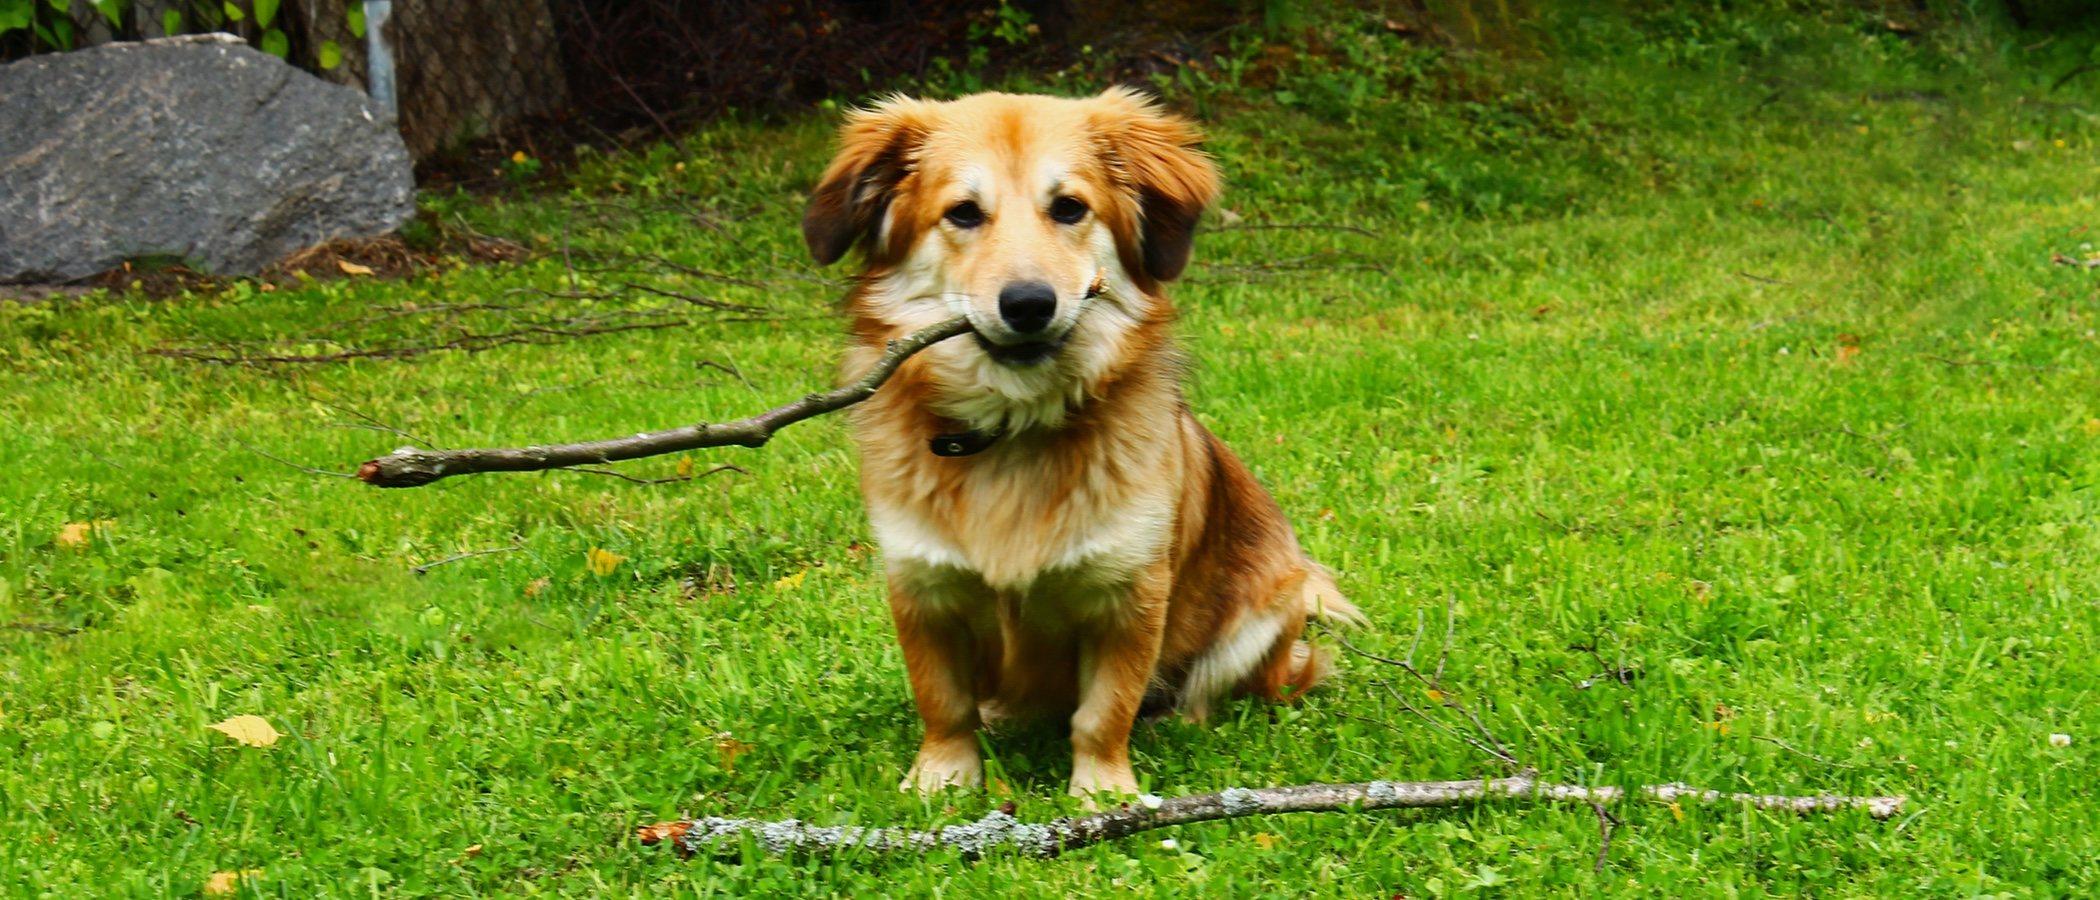 Mi cachorro no come: ¿Qué puedo hacer?